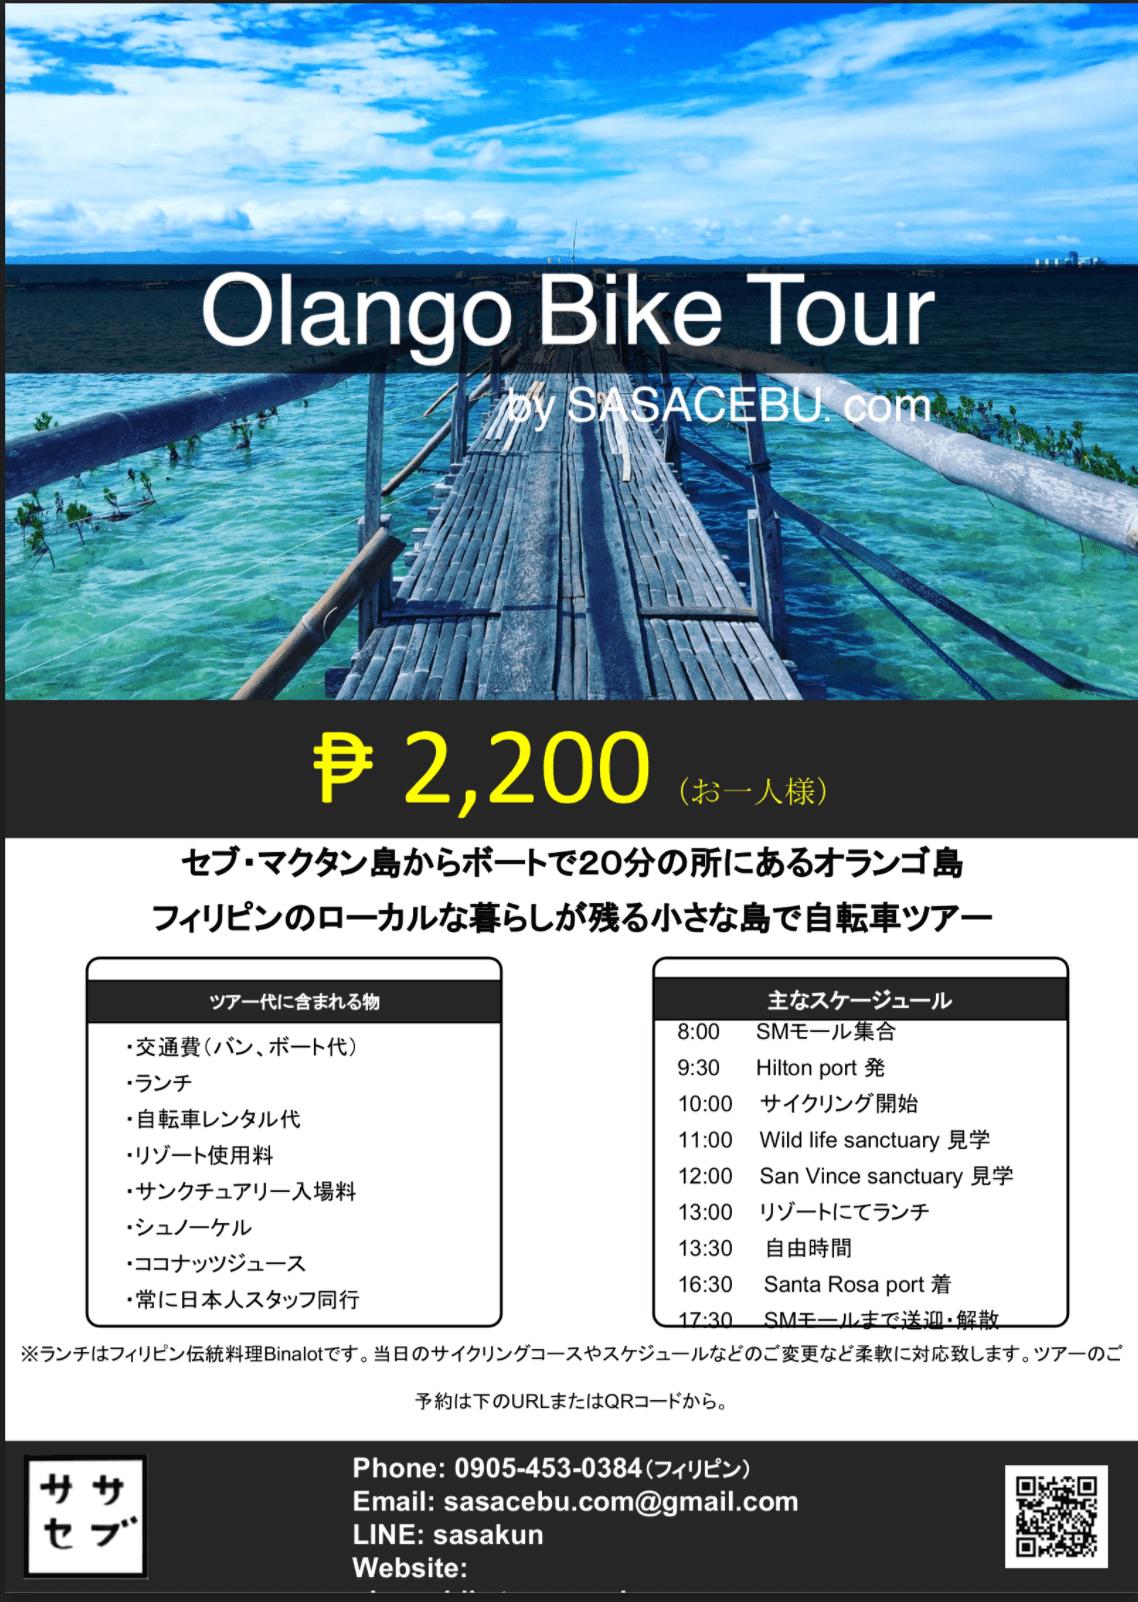 オランゴバイクツアー